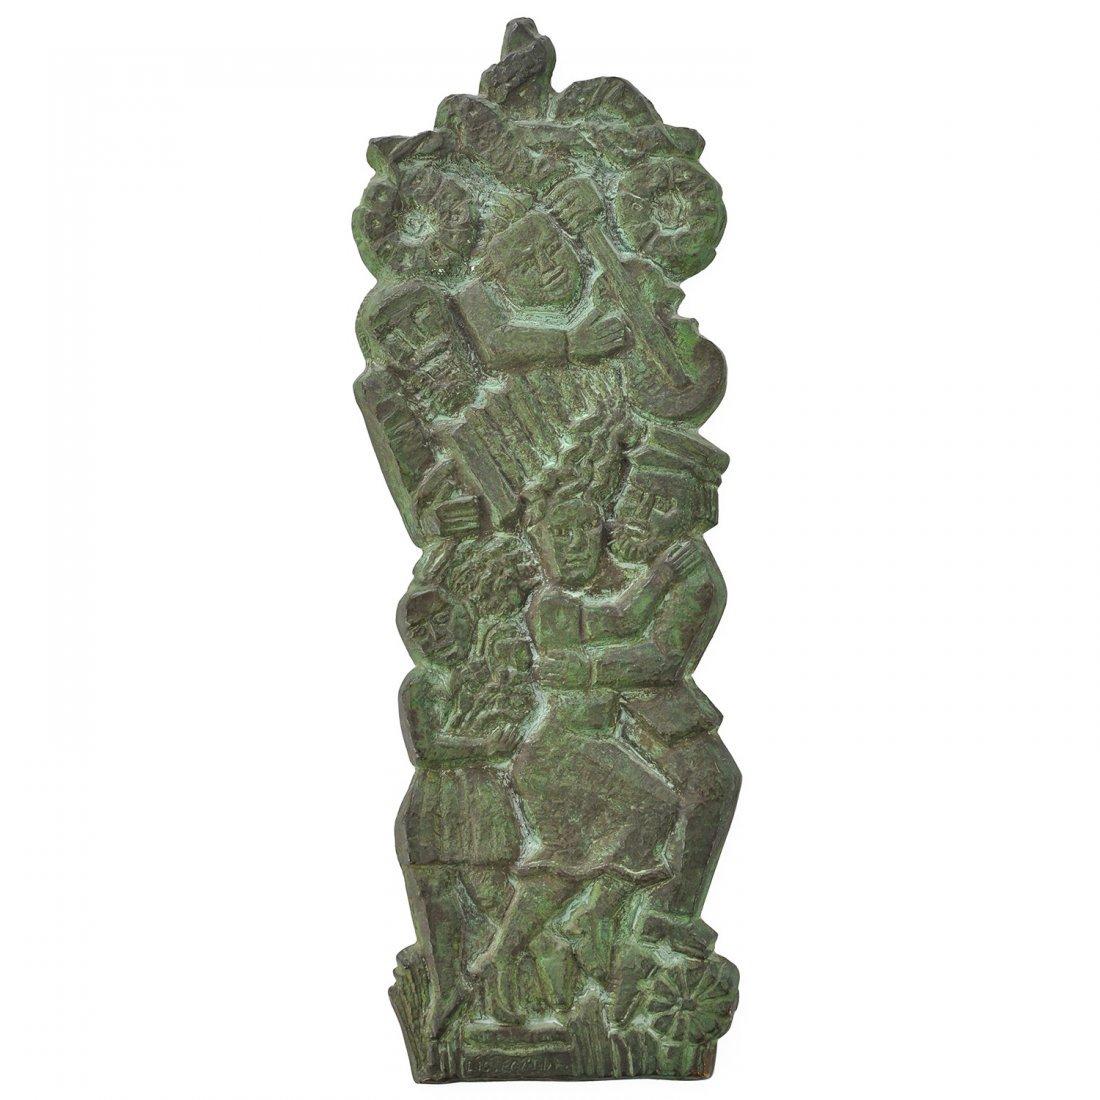 15: VÄGGRELIEF, brons, BENGT LISSEGÅRDH